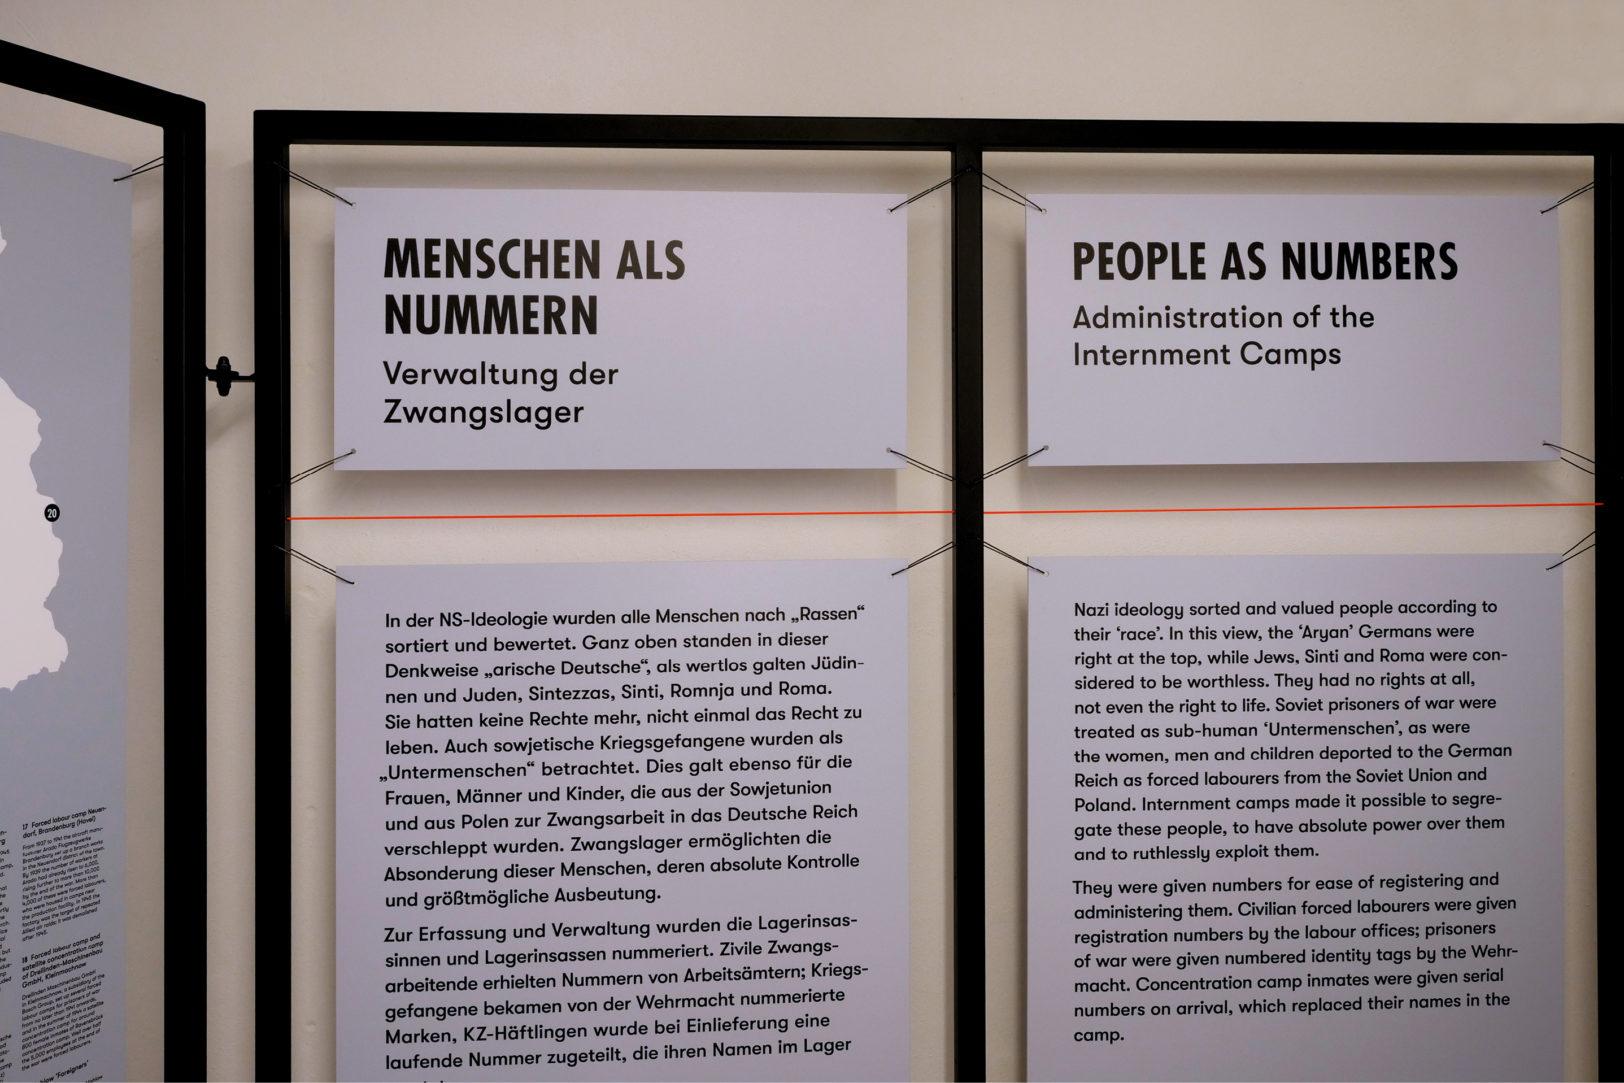 http://e-o-t.de/wordpress/wp-content/uploads/2020/04/Exhibition-Ausgeschlossen-eot-11.jpg